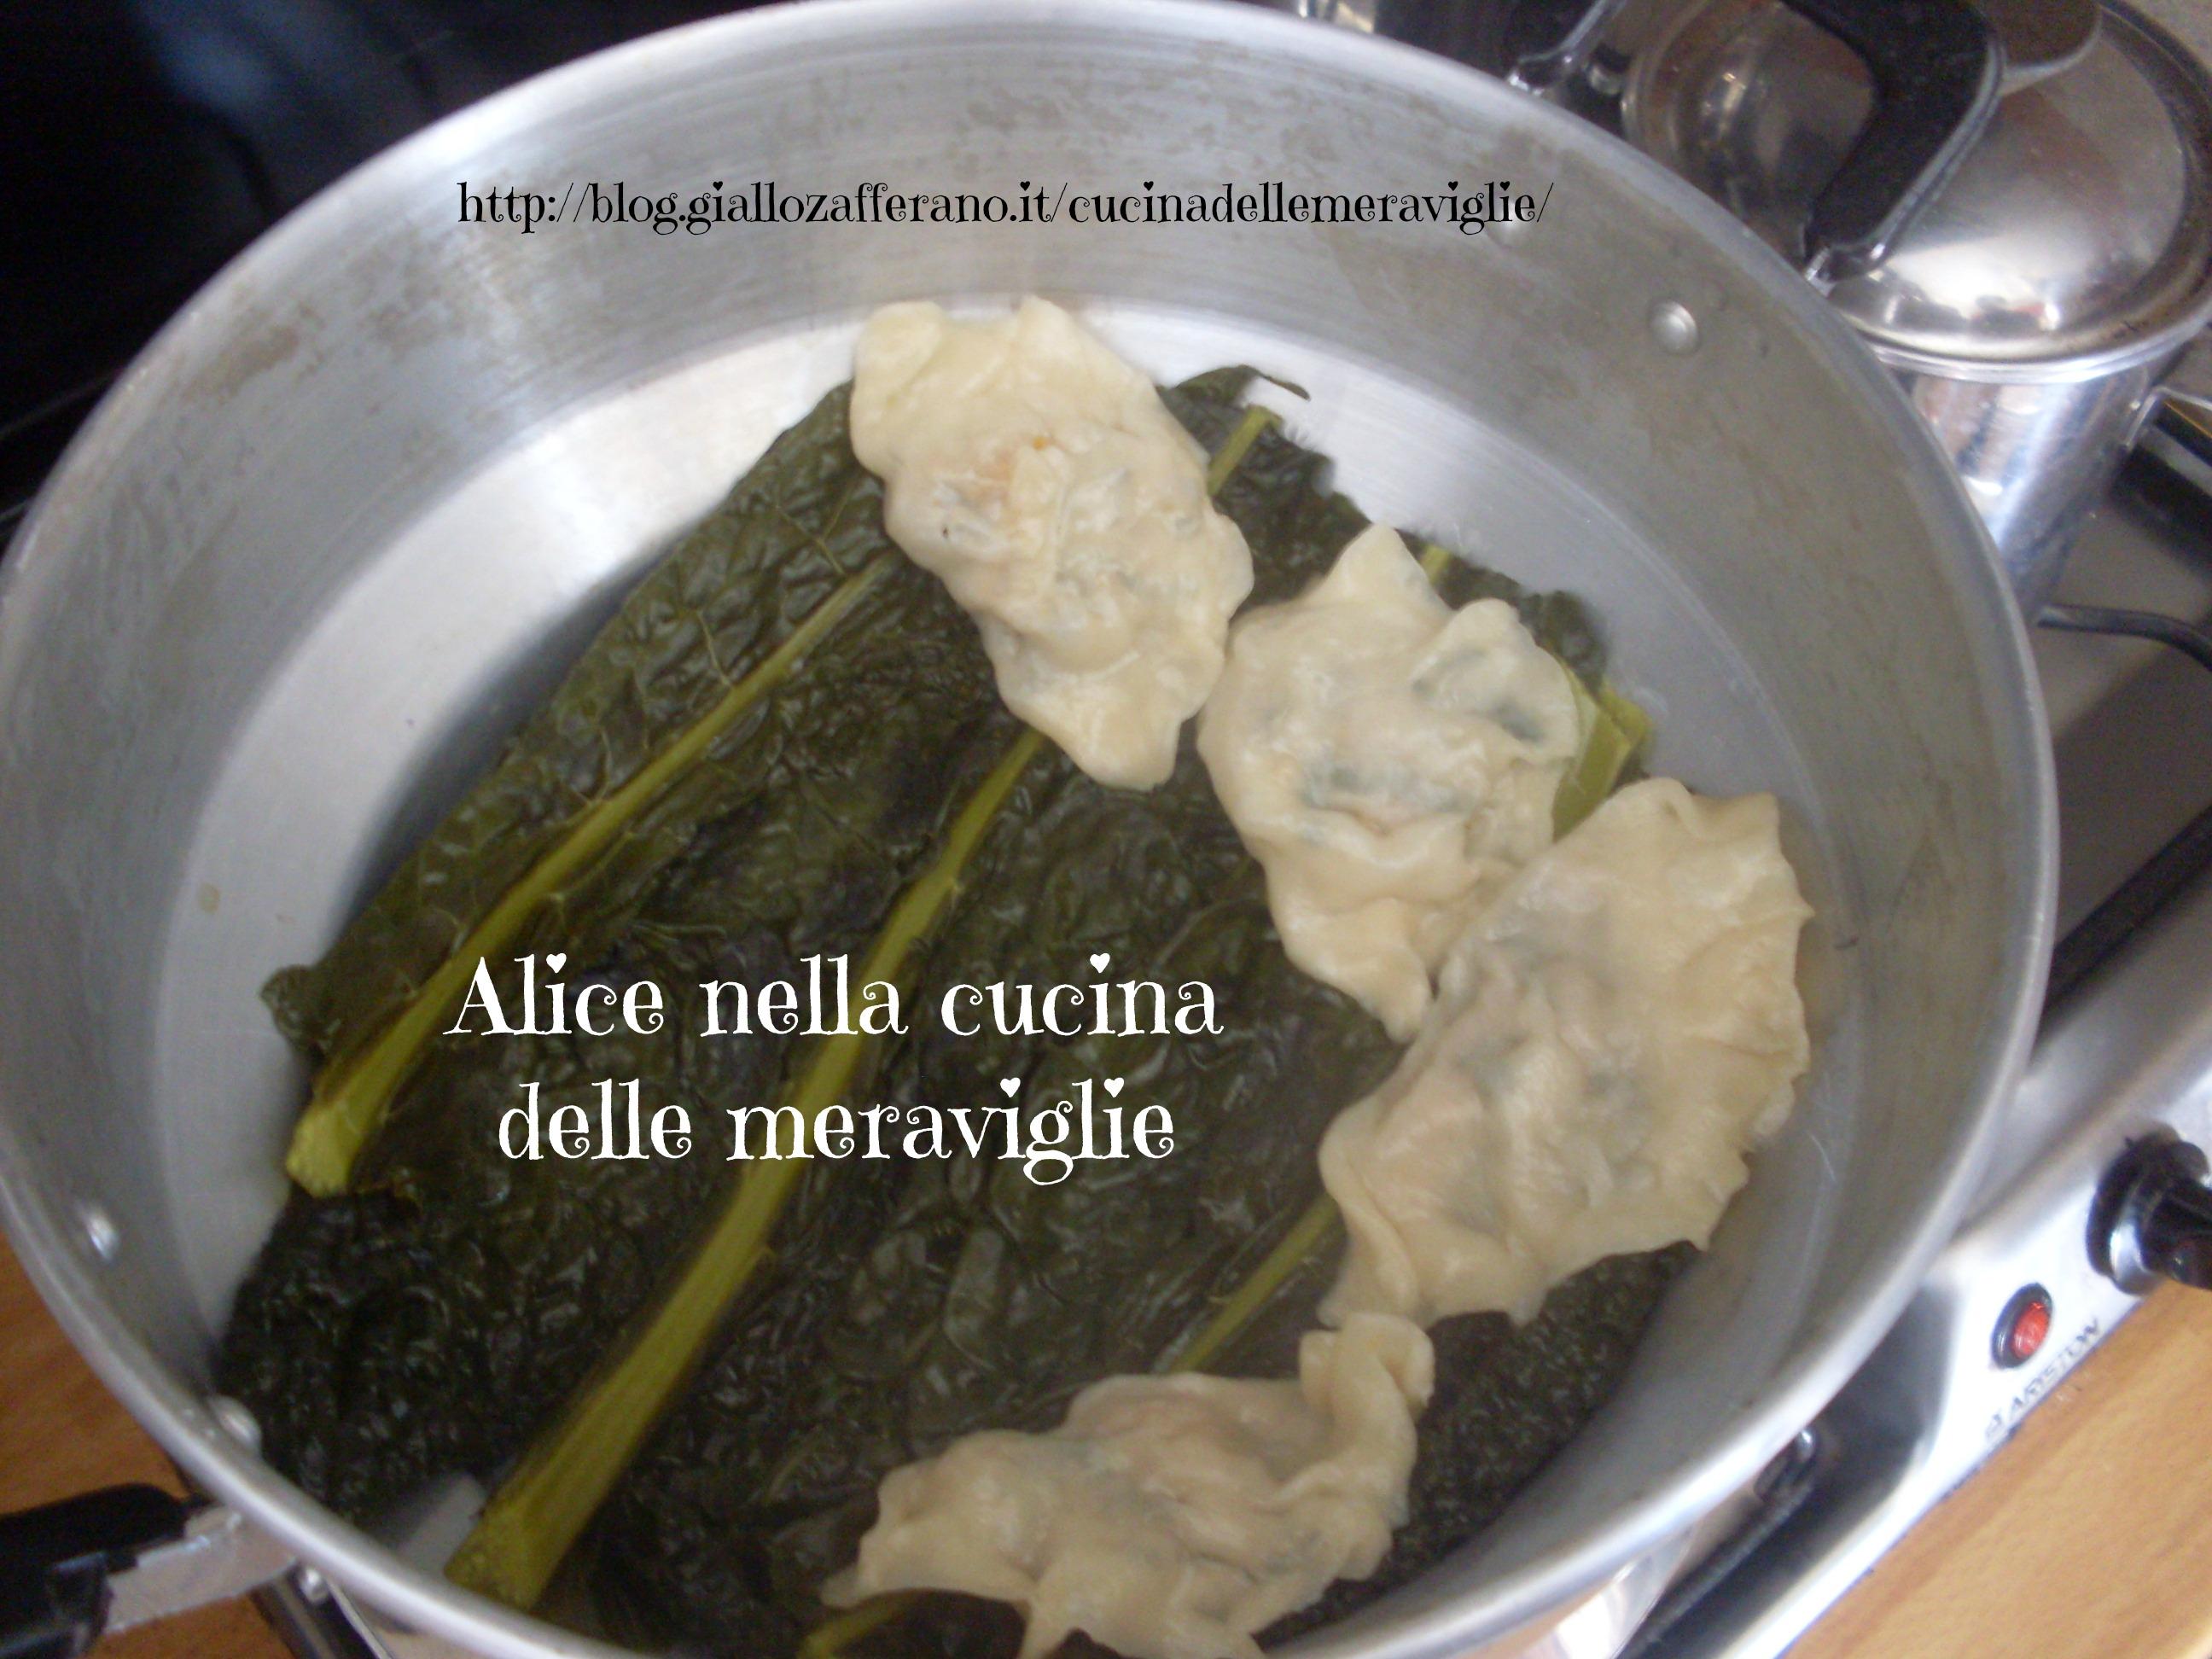 Ravioli al vapore ricetta cinese Alice nella cucina delle meraviglie